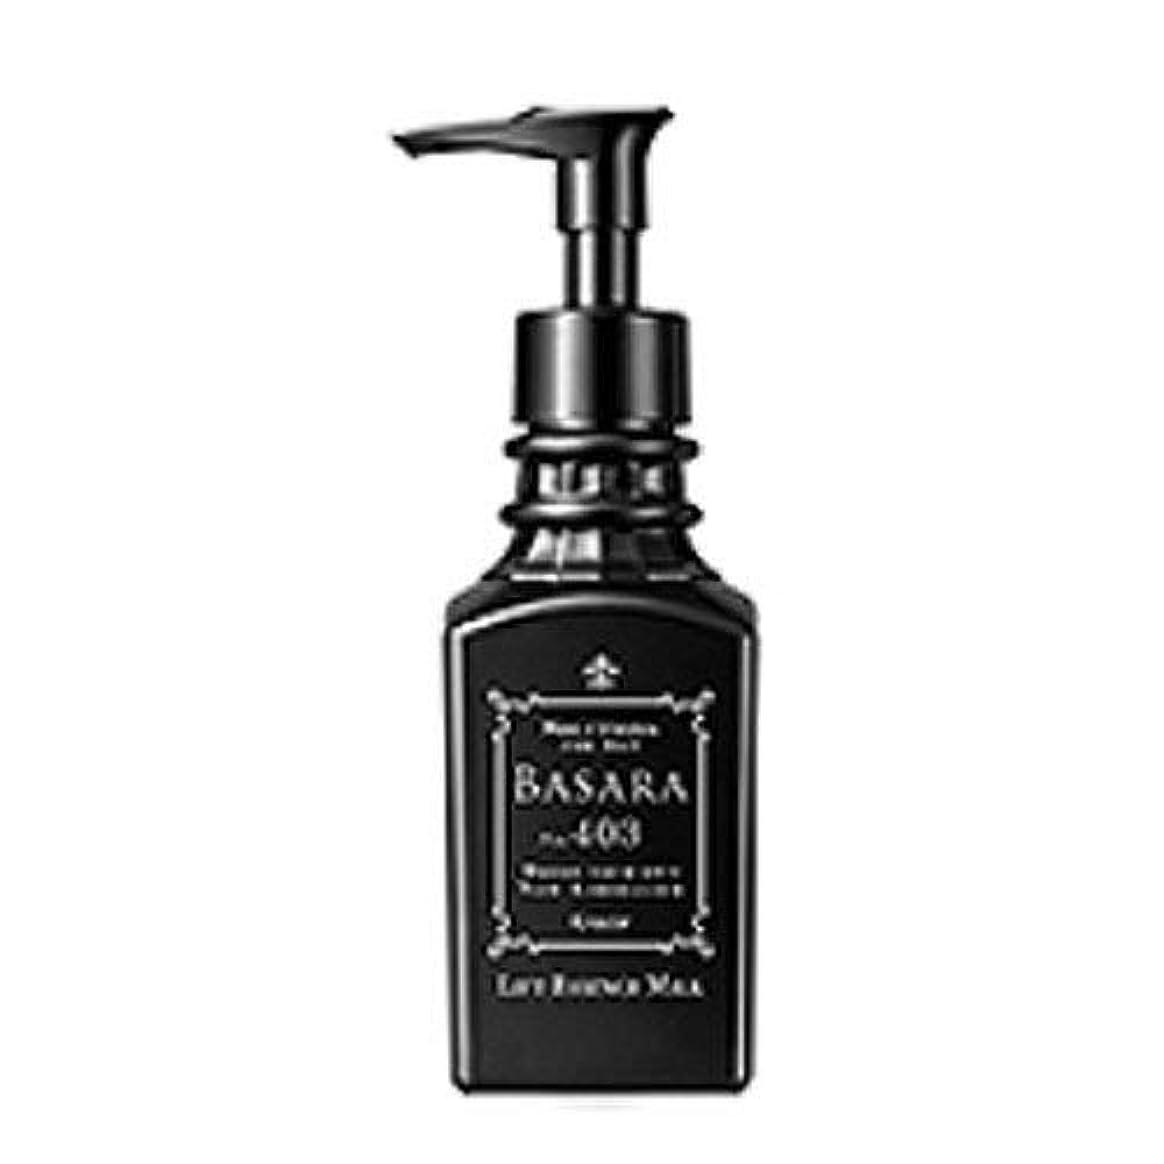 カルシウム伝記ジャケットBASARA(バサラ) 403 リフトエッセンスミルク 美容液 140ml